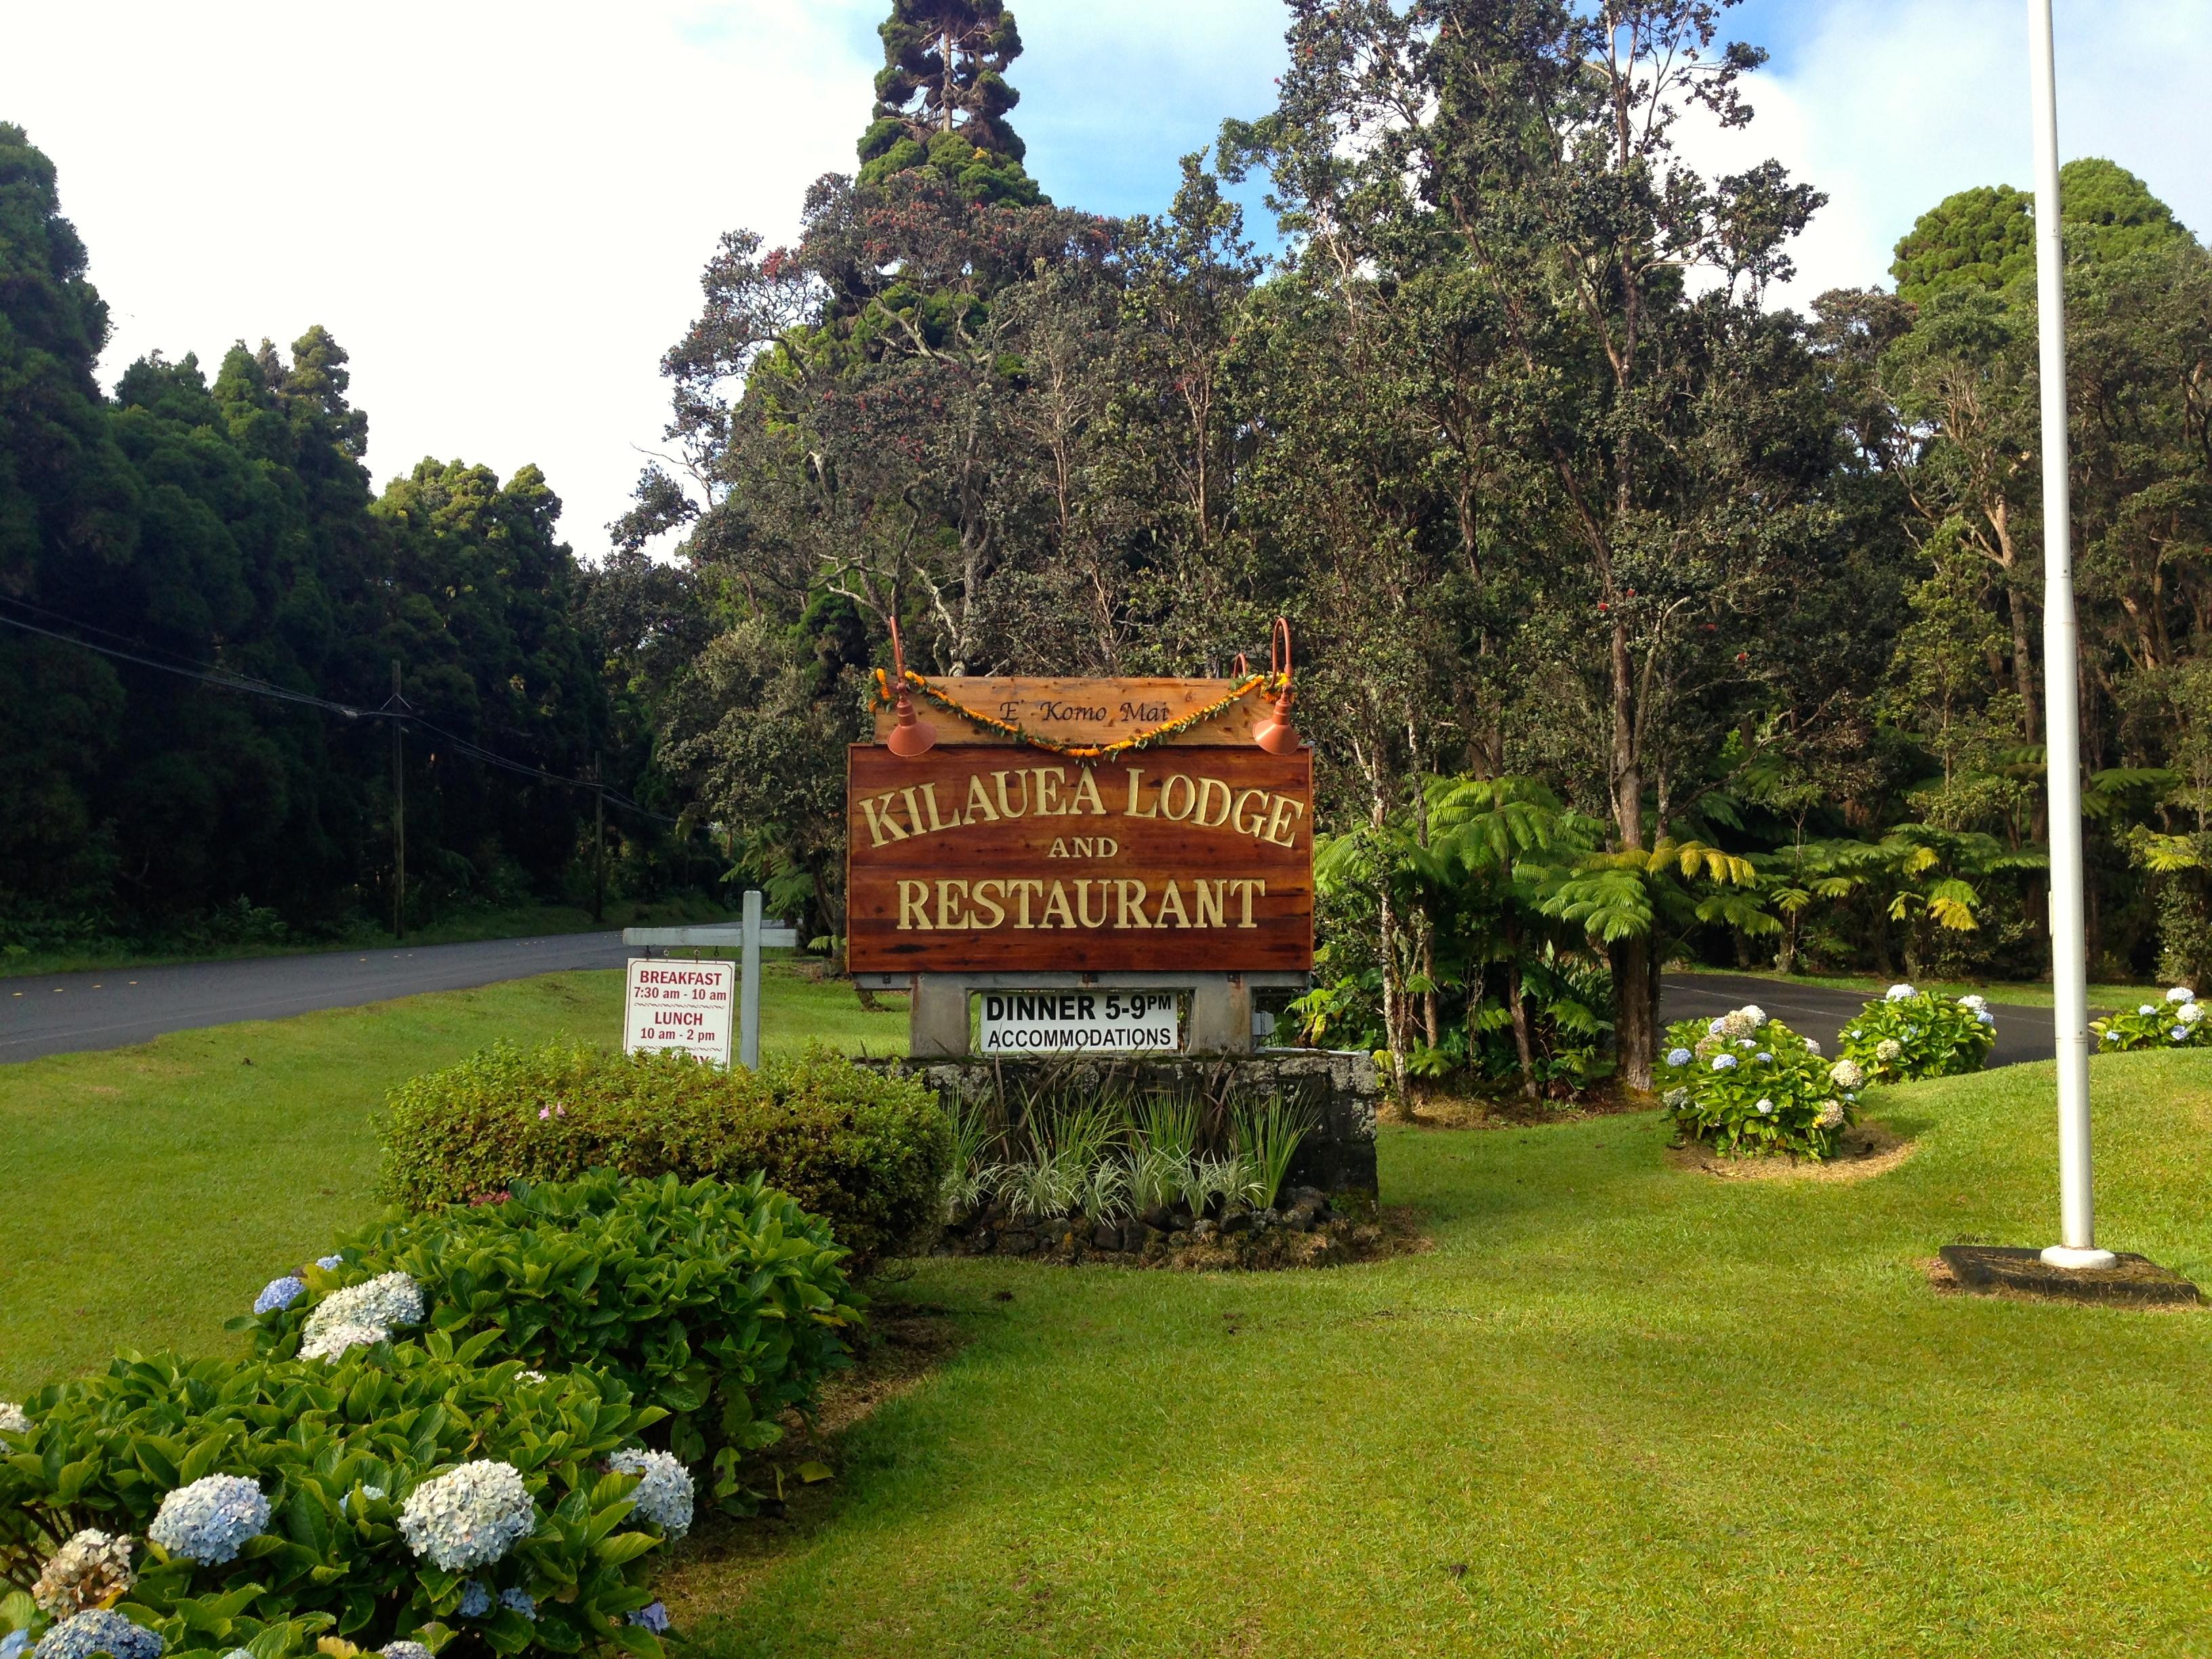 Kilauea Lodge & The Fireplace of Friendship